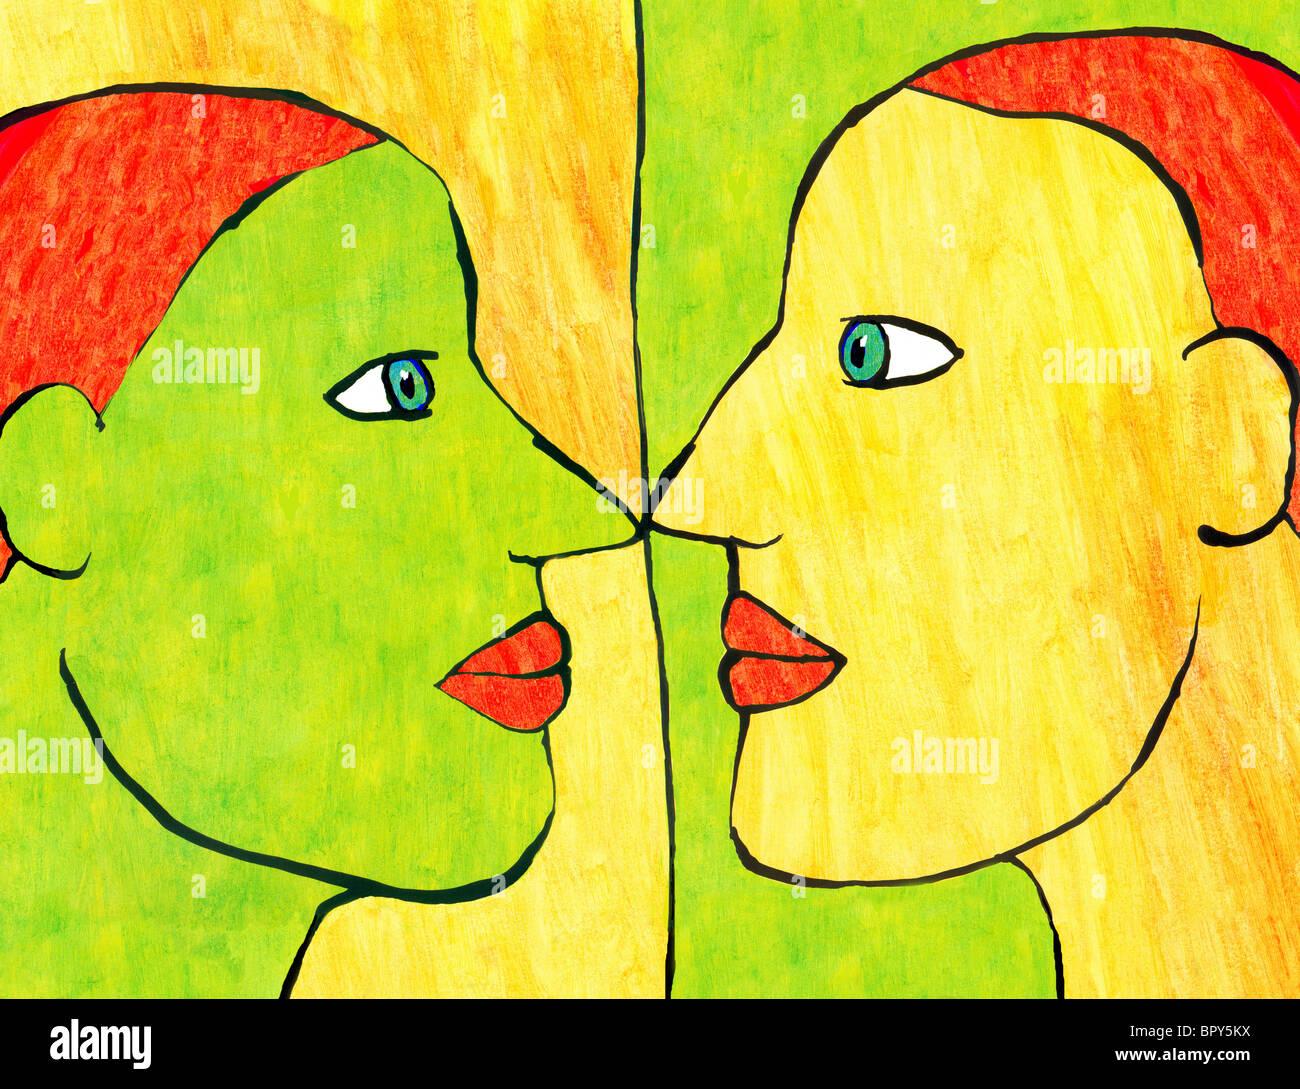 Dessin dessin animé d'une femme et son reflet Photo Stock